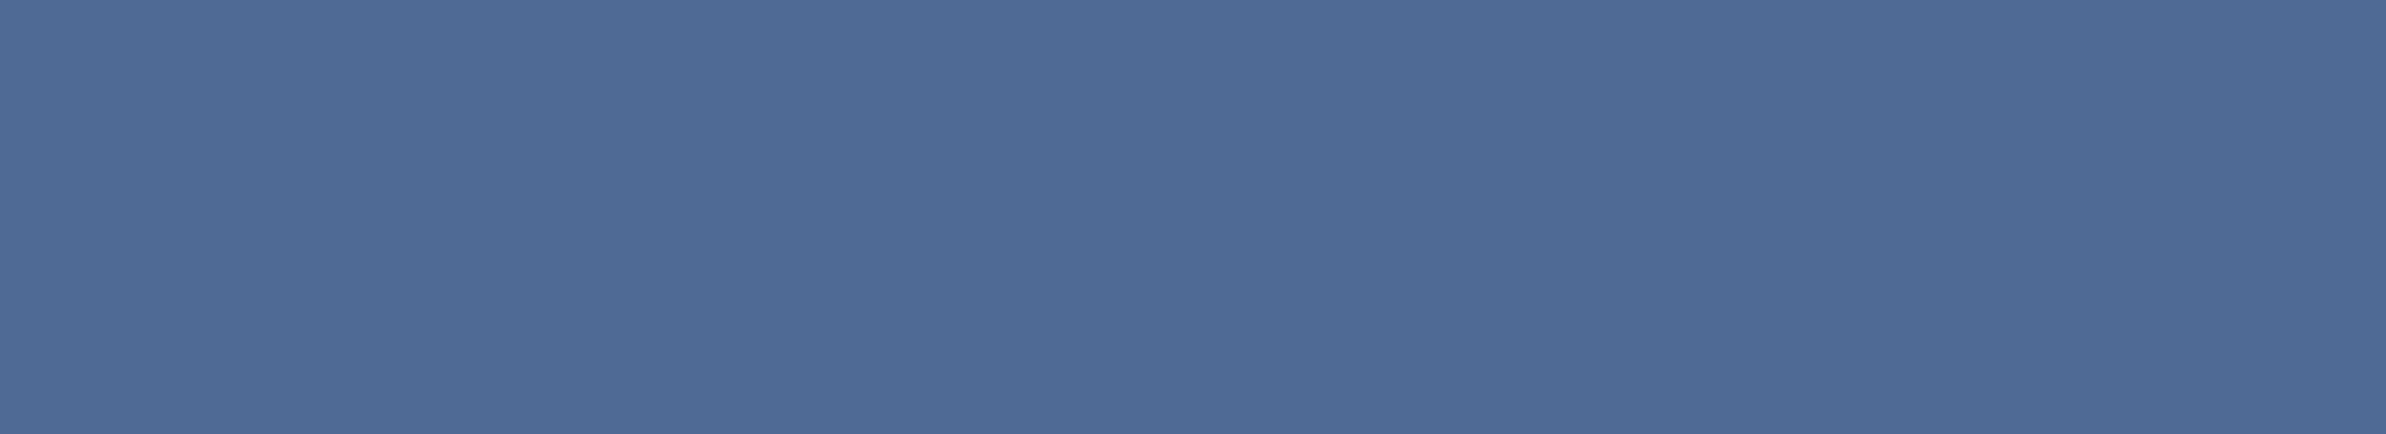 #1695 @ 5% - Grey